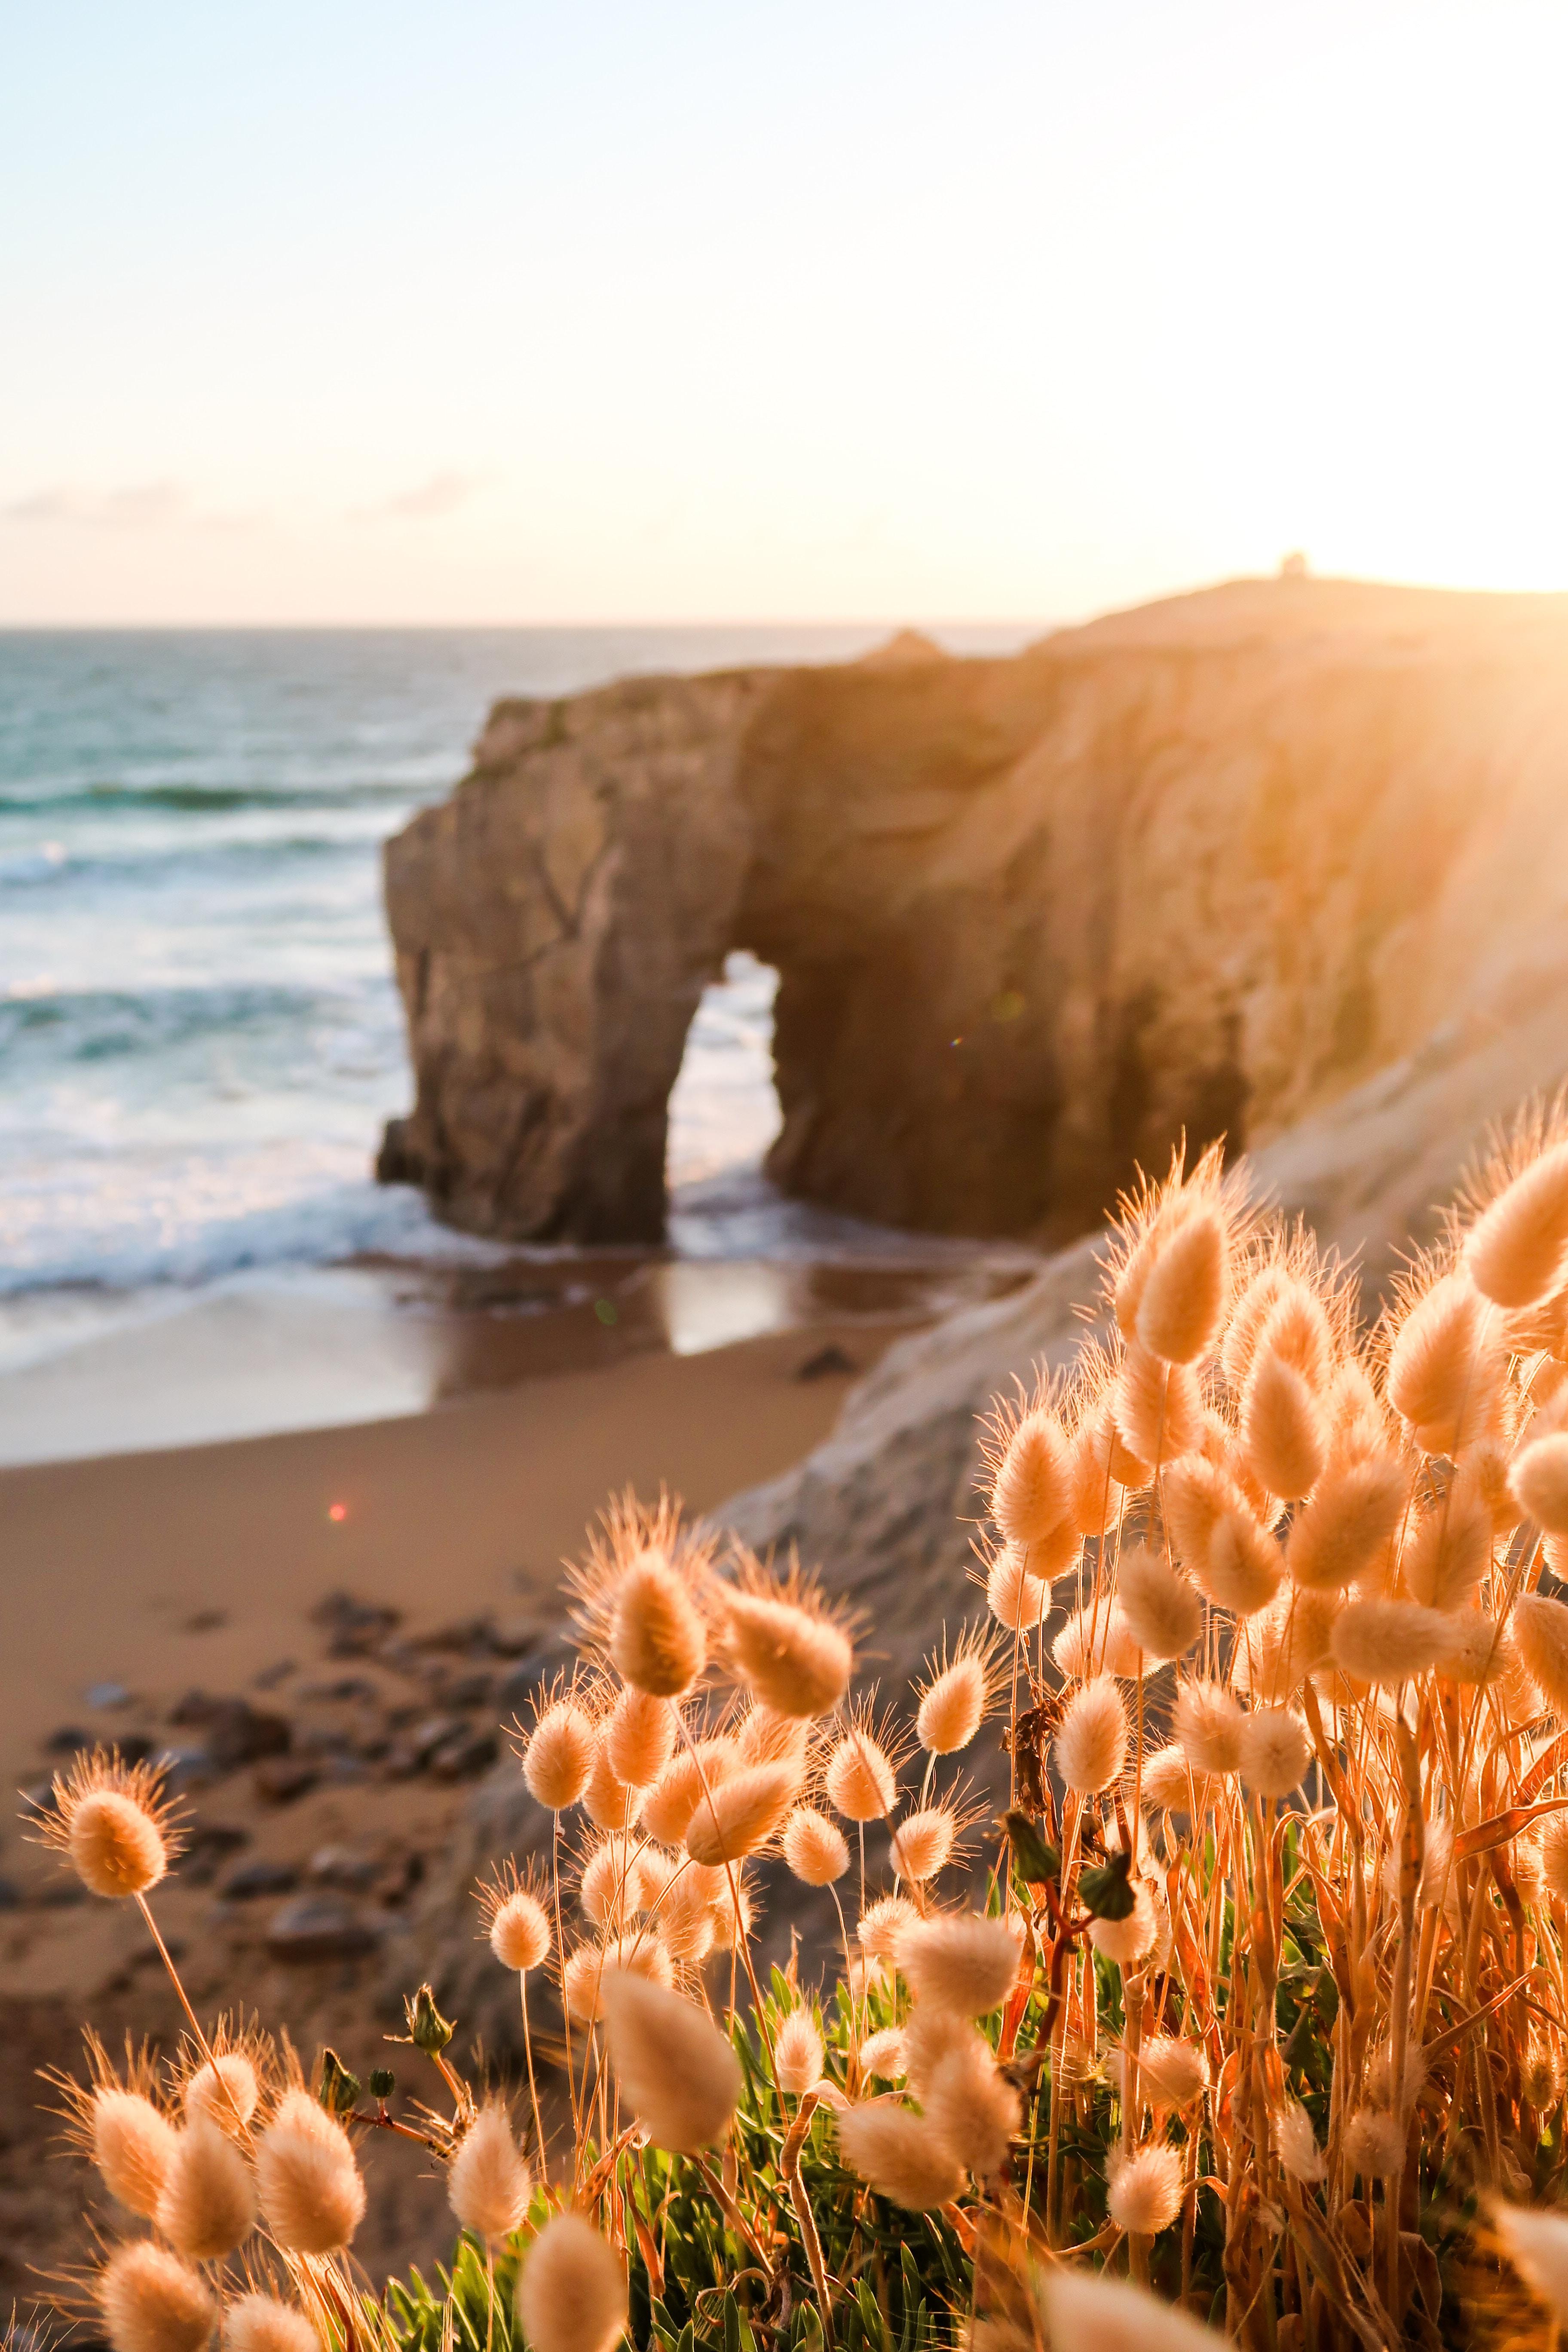 102505 скачать обои Побережье, Пляж, Растения, Скала, Природа - заставки и картинки бесплатно